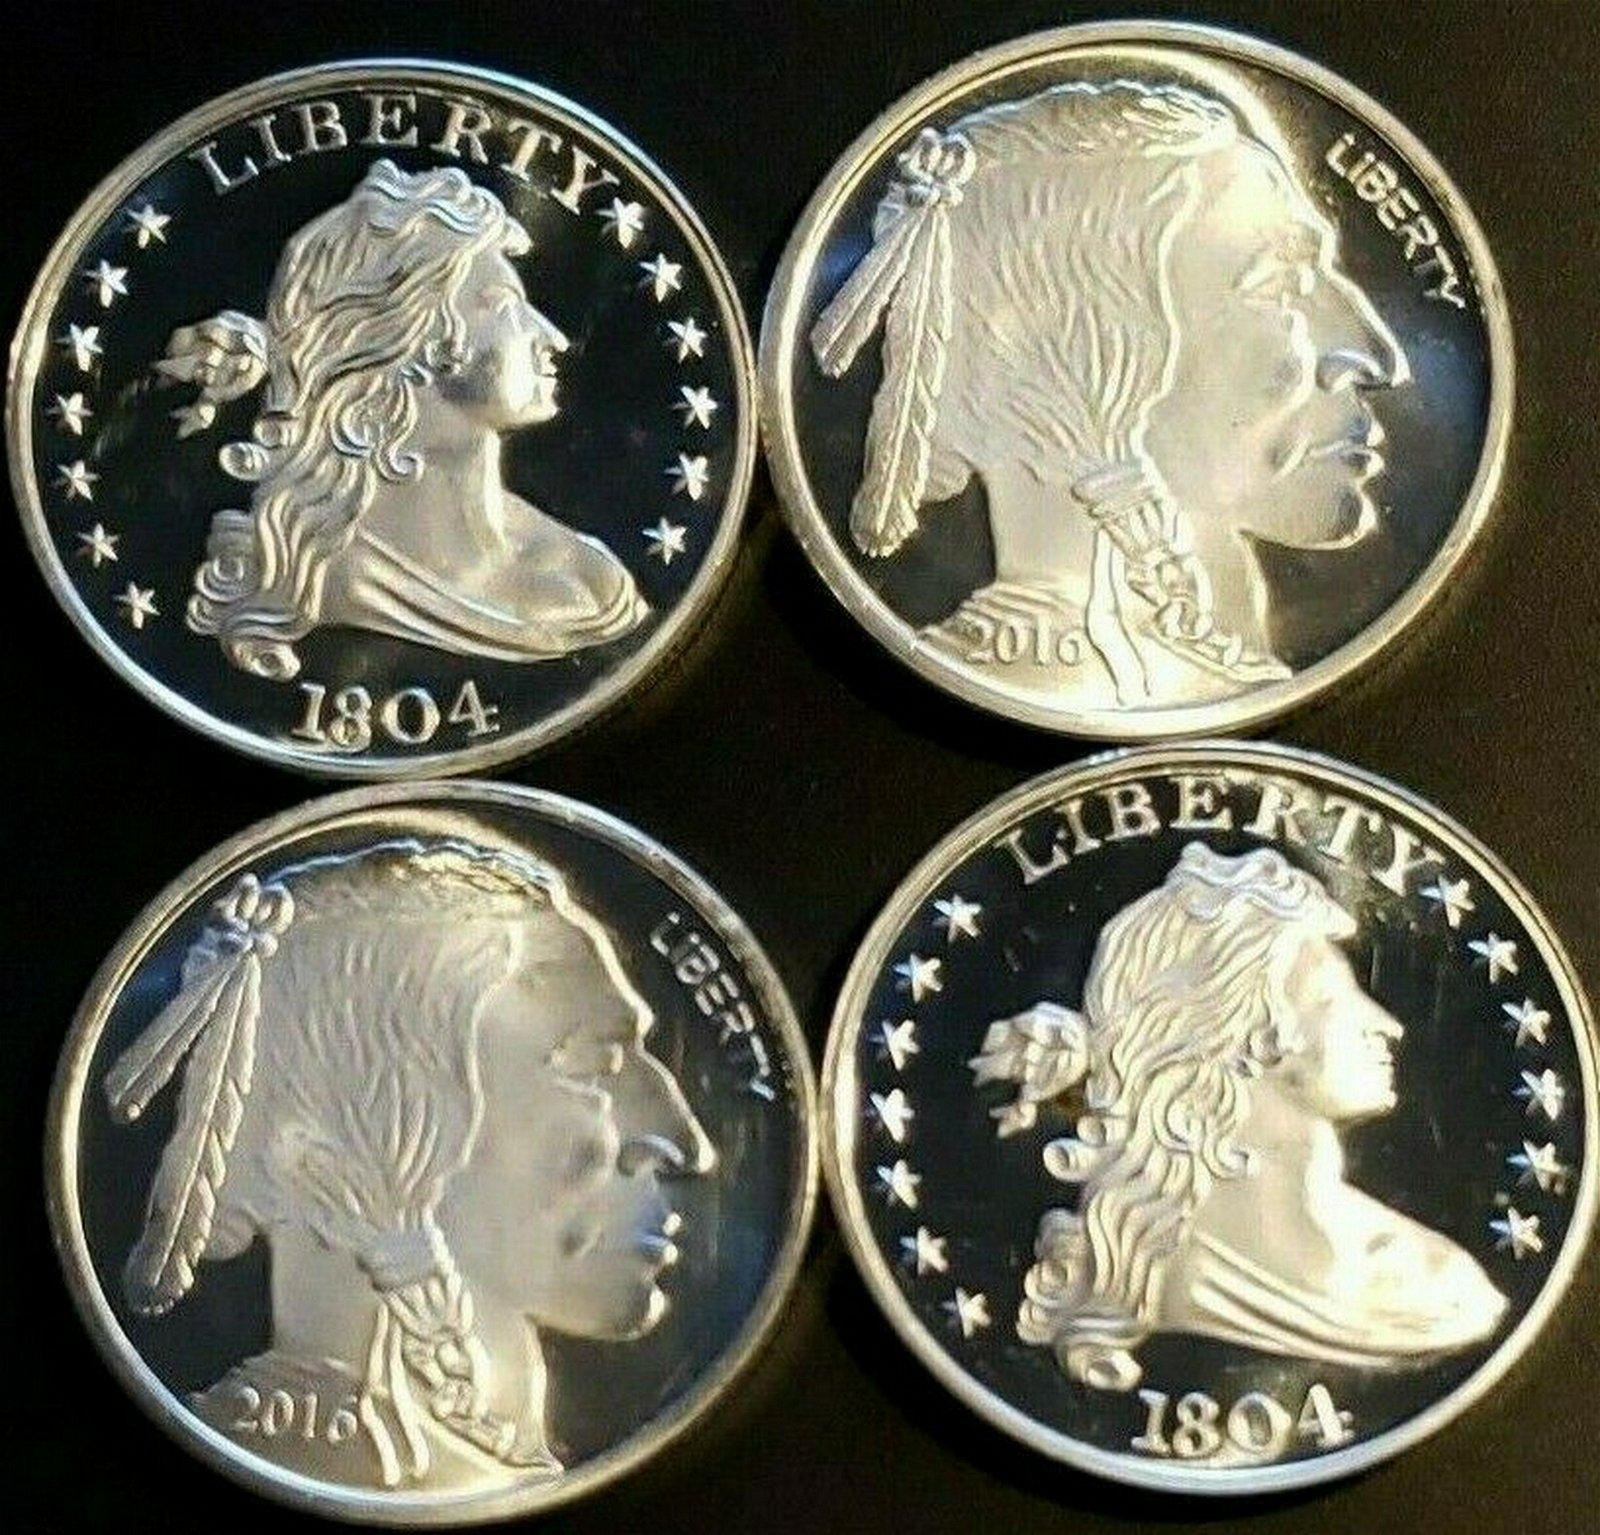 (2) 1804 Liberty Dollars and (2) Buffalo Dollars